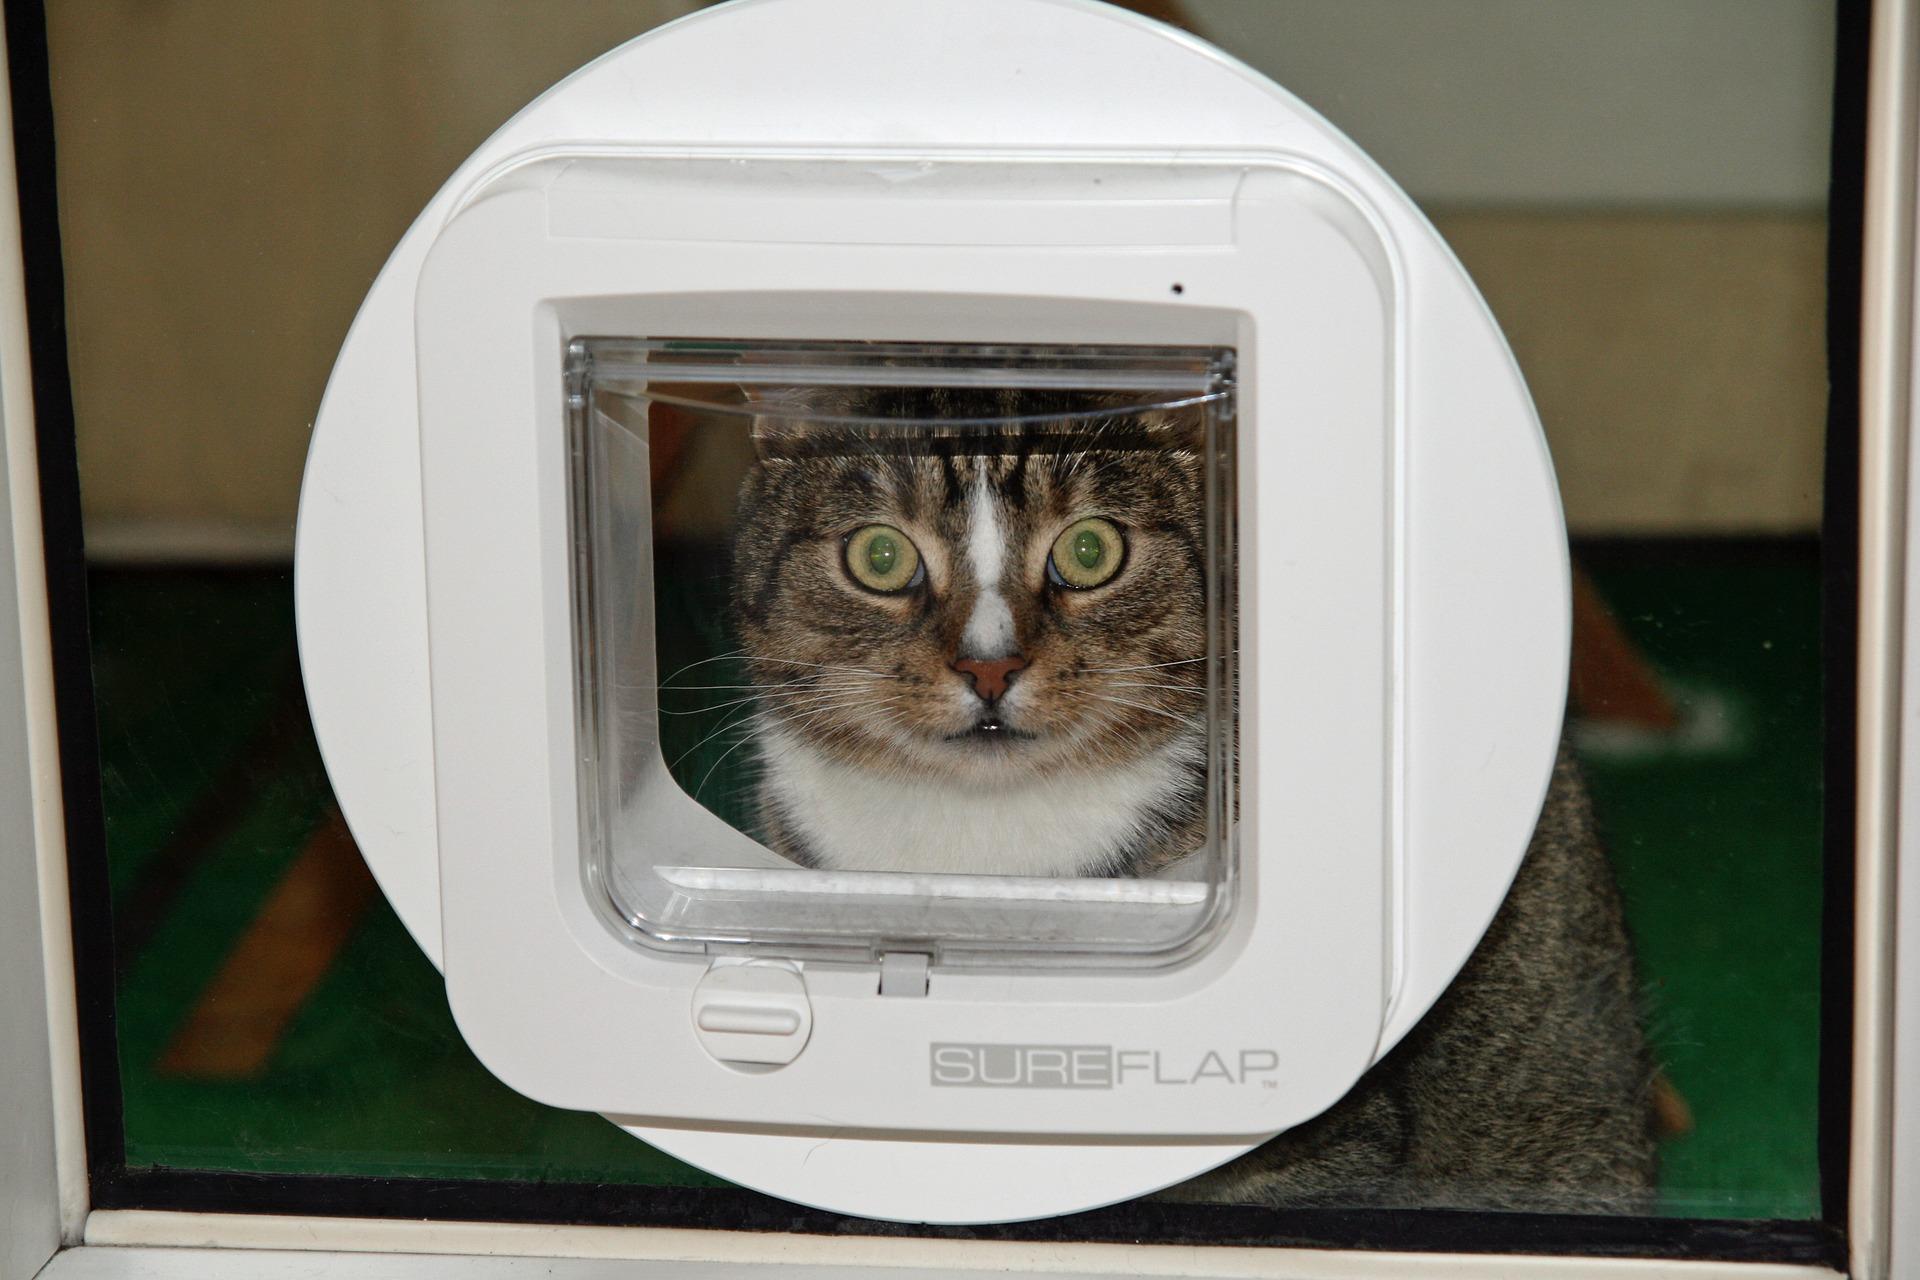 Comment gérer l'entrée et la sortie de vos animaux domestiques ?